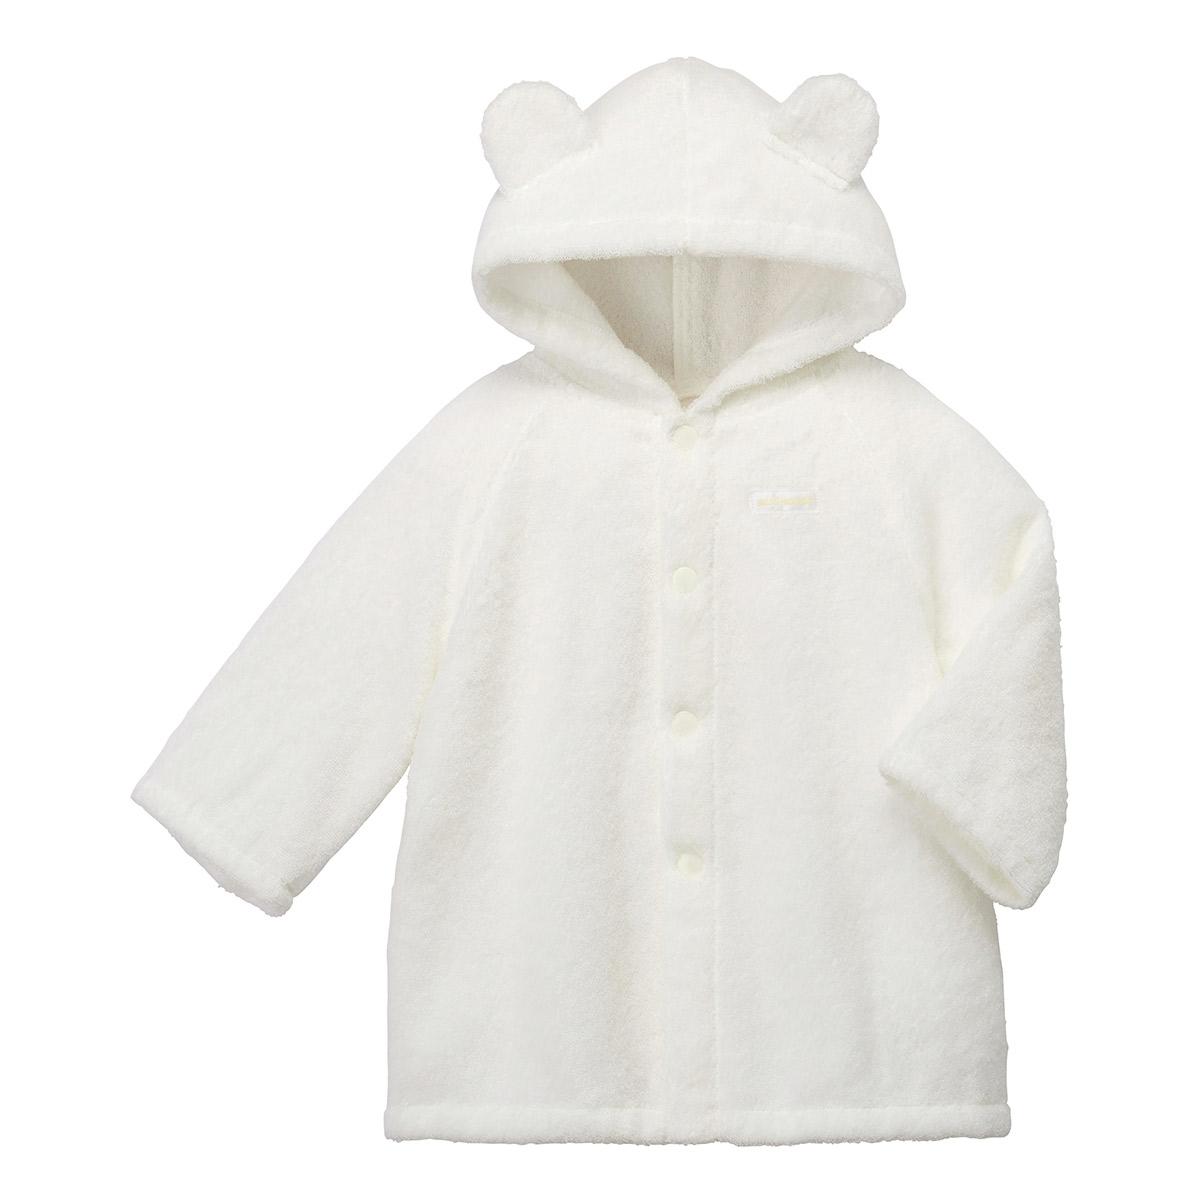 〈ミキハウス〉バスローブ(白)